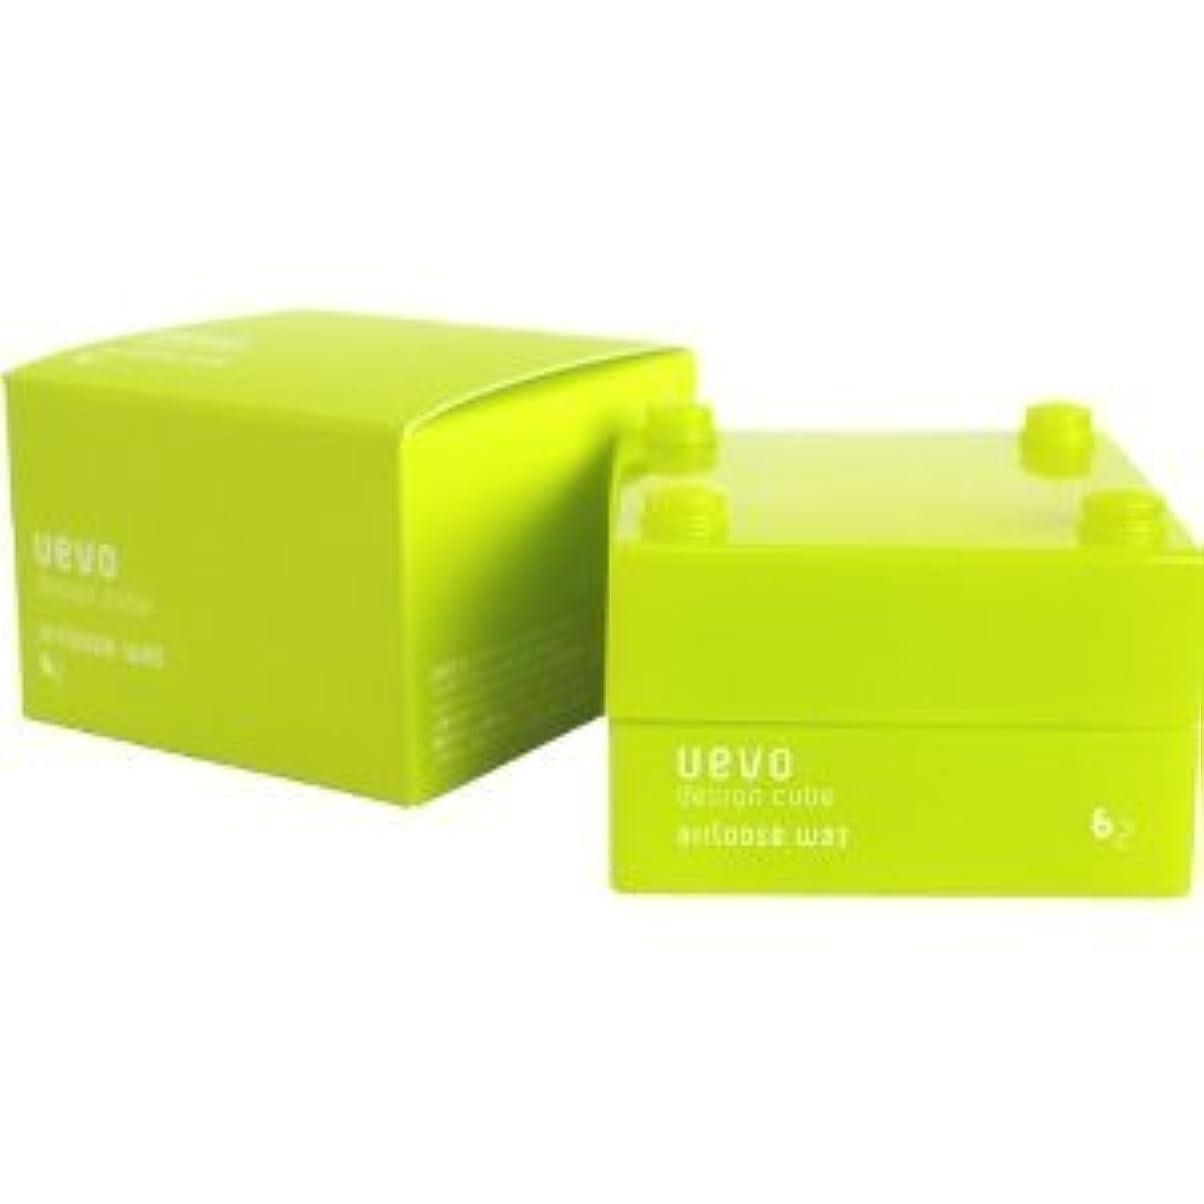 言語学出します山積みの【X3個セット】 デミ ウェーボ デザインキューブ エアルーズワックス 30g airloose wax DEMI uevo design cube